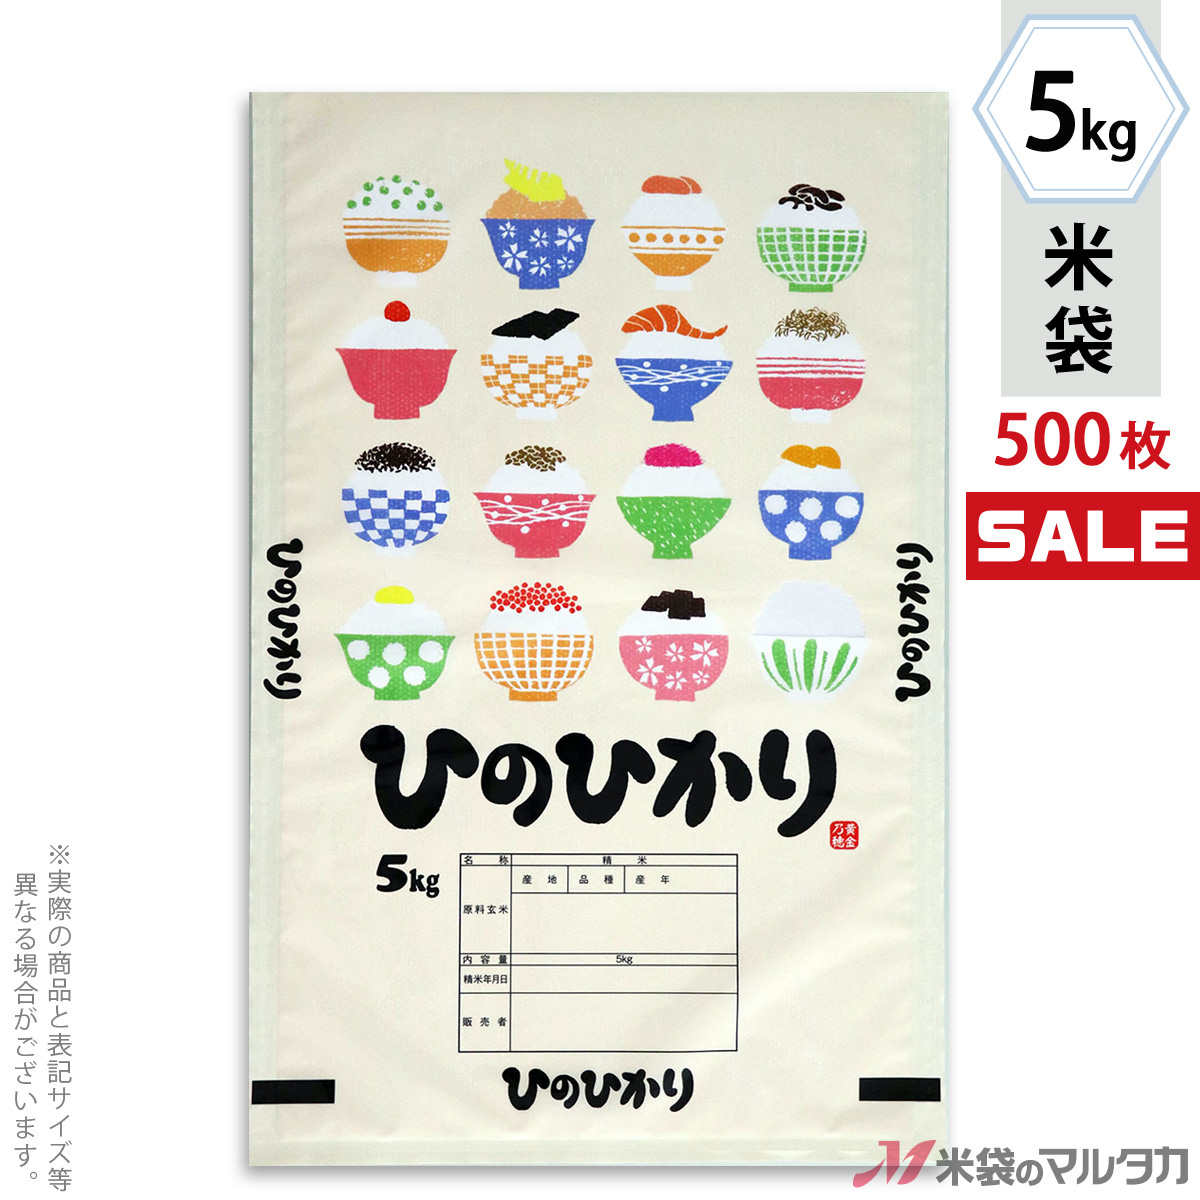 <キャンペーン対応>米袋 ポリポリ ネオブレス ひのひかり よりどりごはん 5kg 1ケース(500枚入) MP-5541